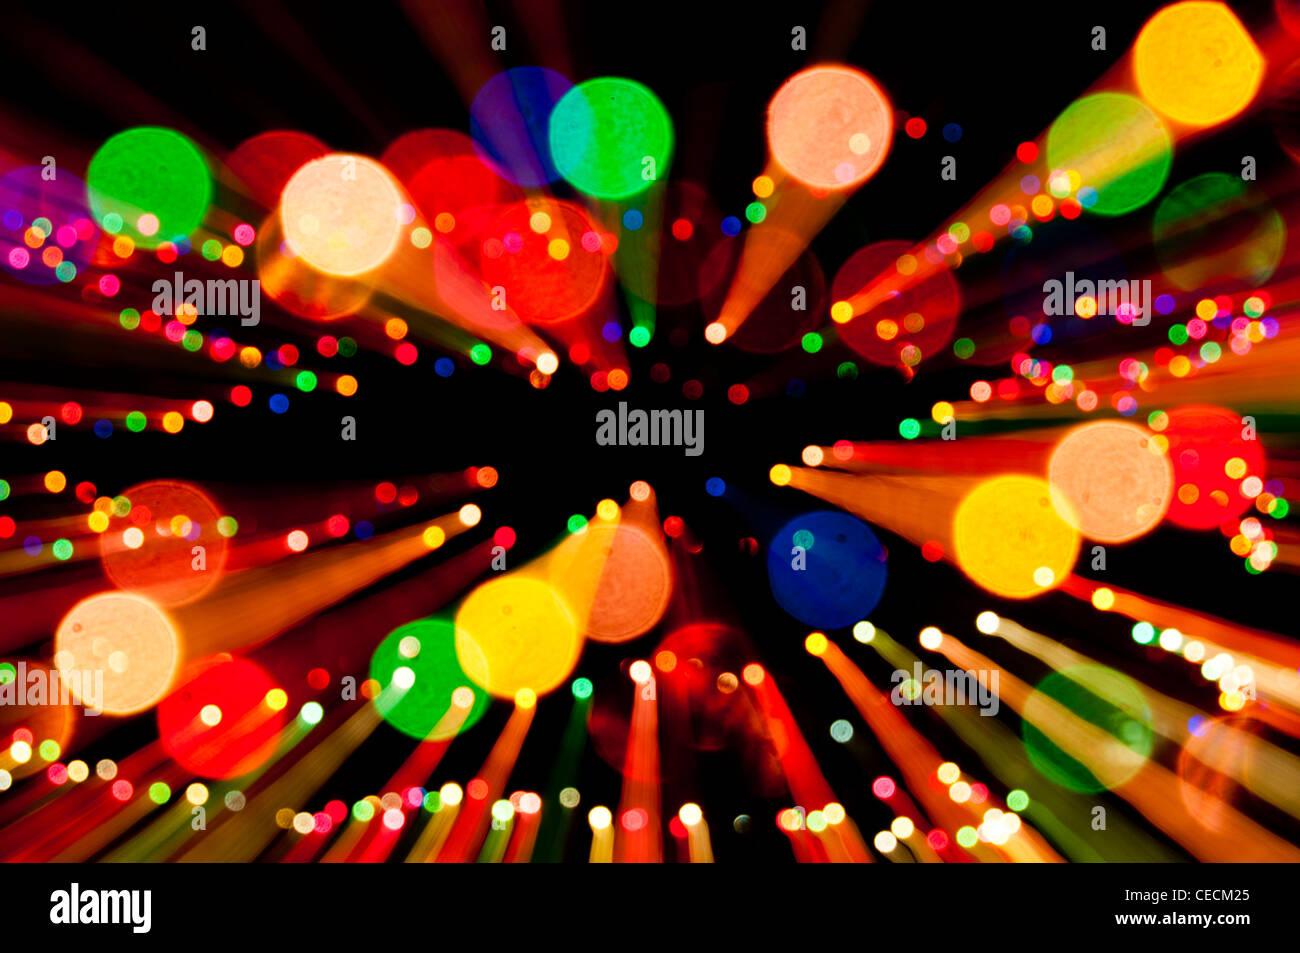 Christmas lights abstract - Stock Image